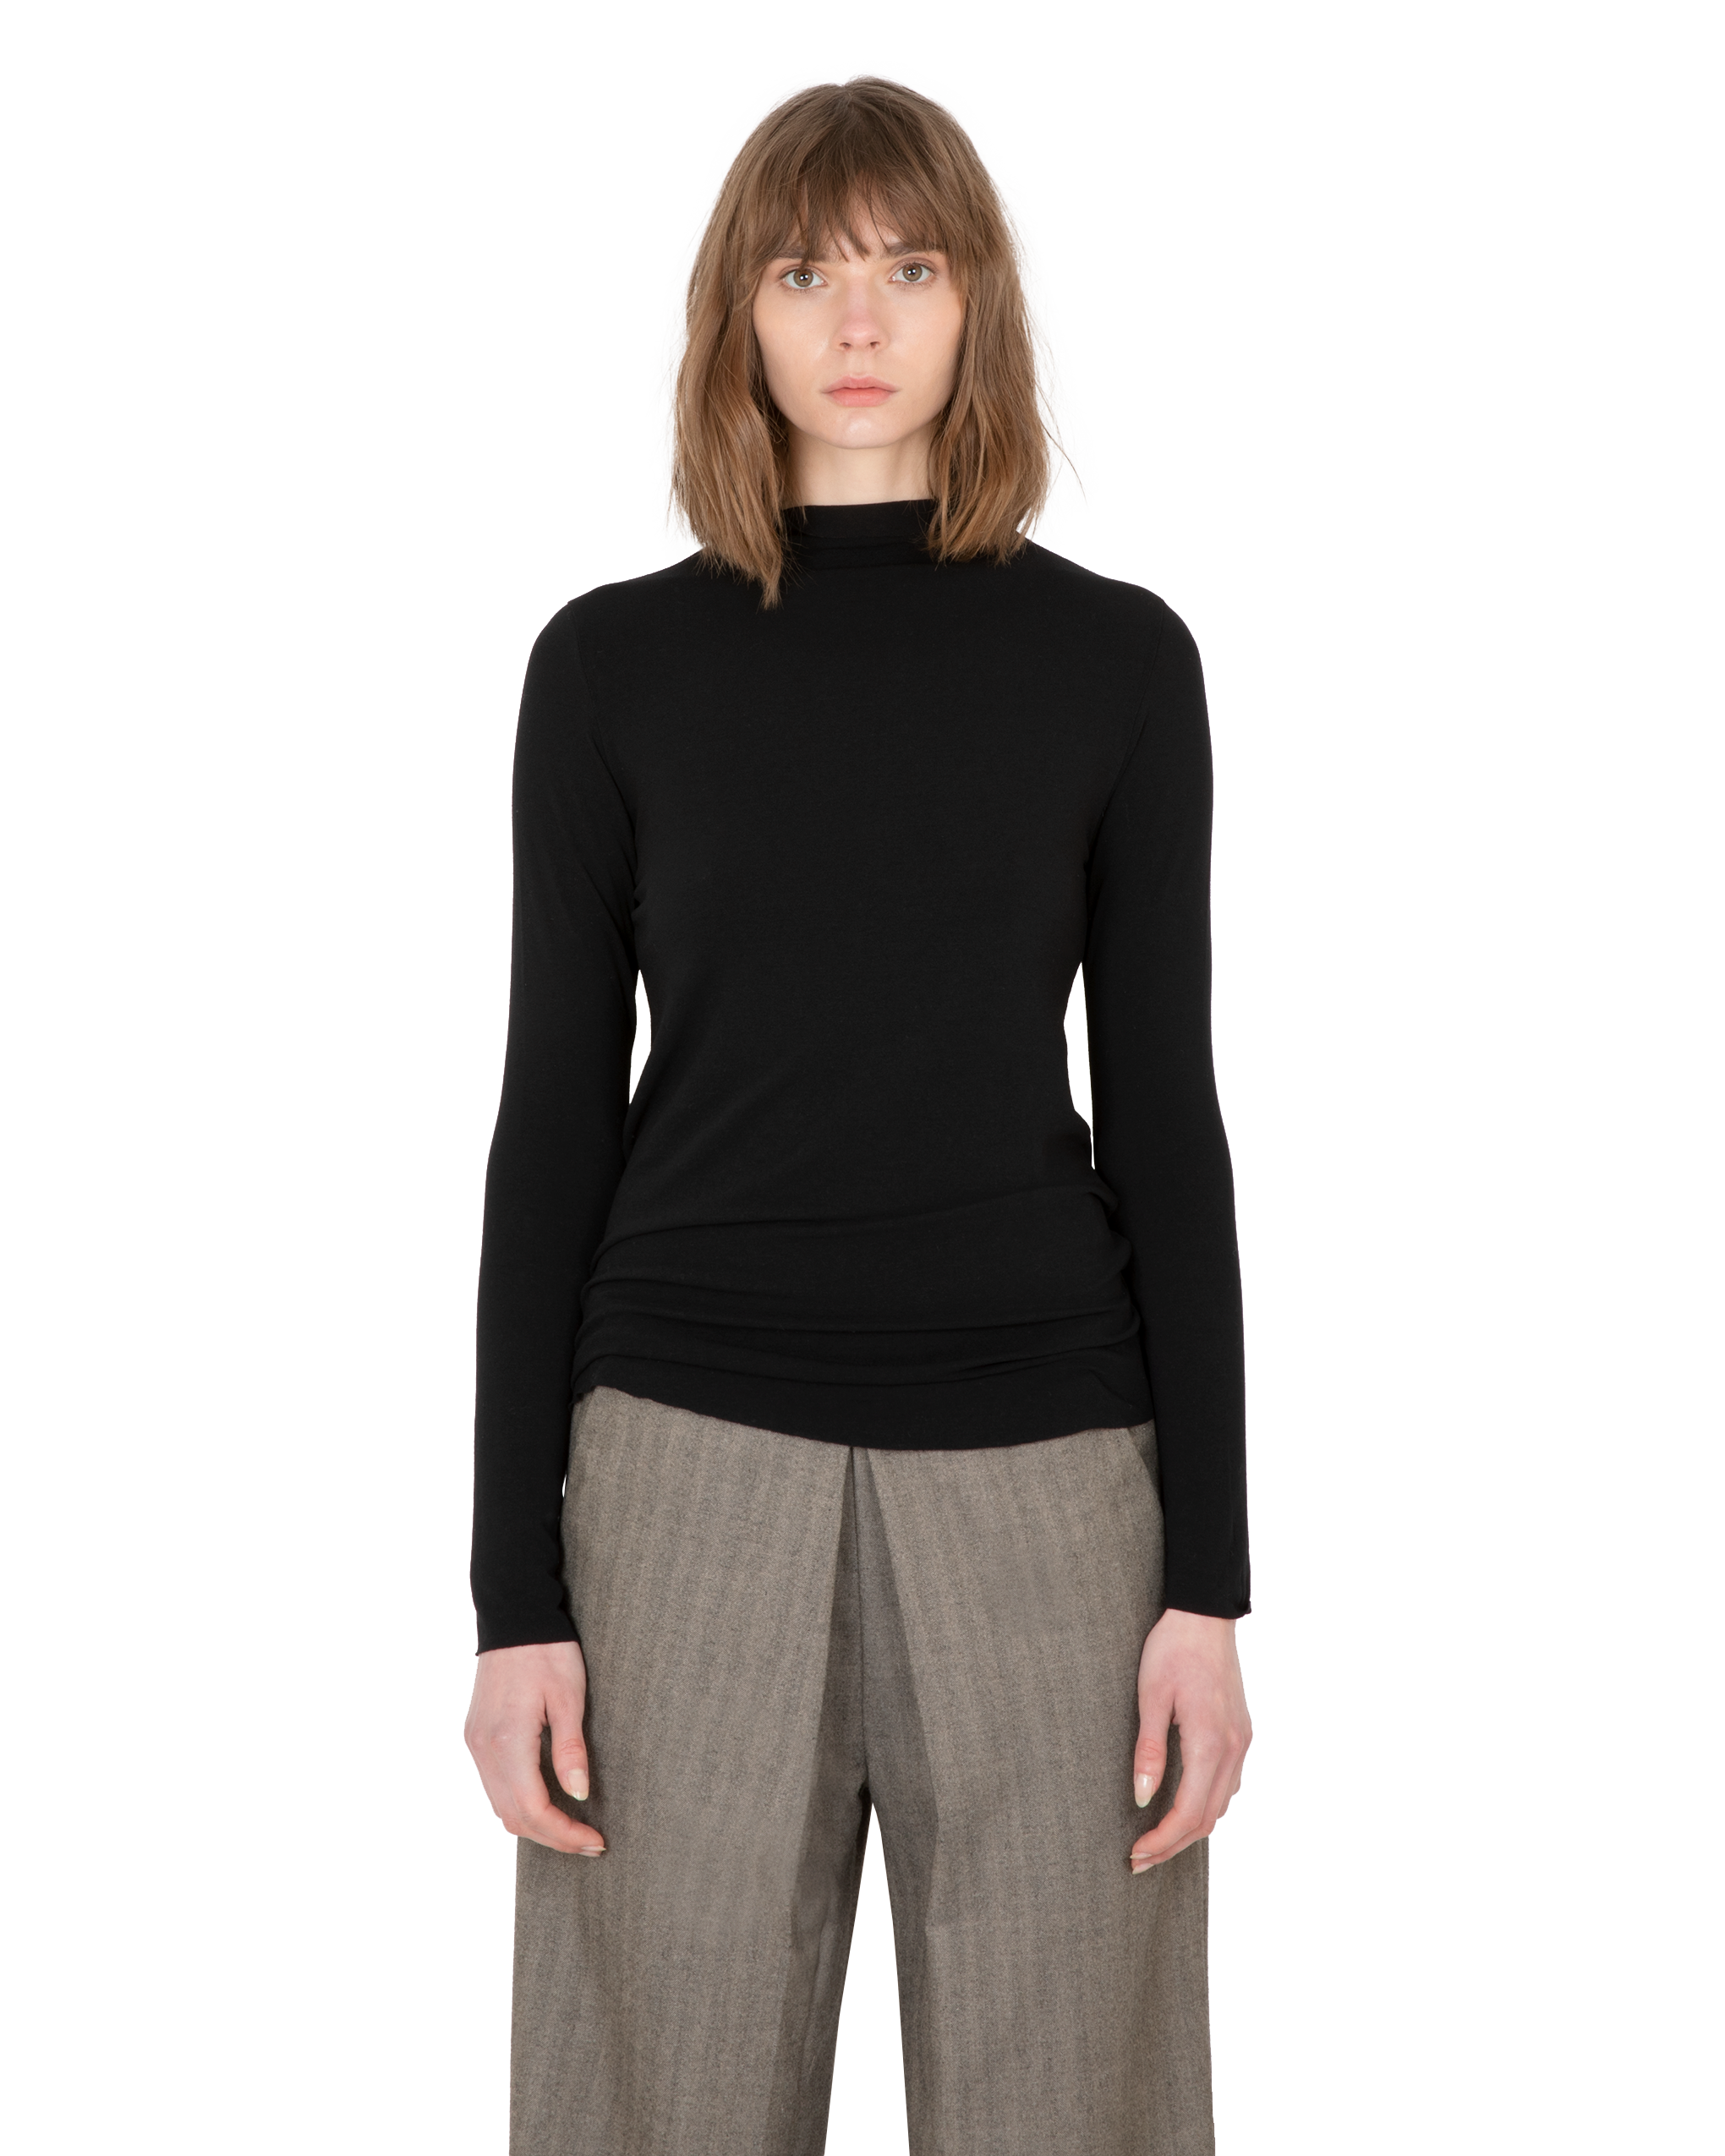 Model wearing EMIN + PAUL black second skin jersey blouse.